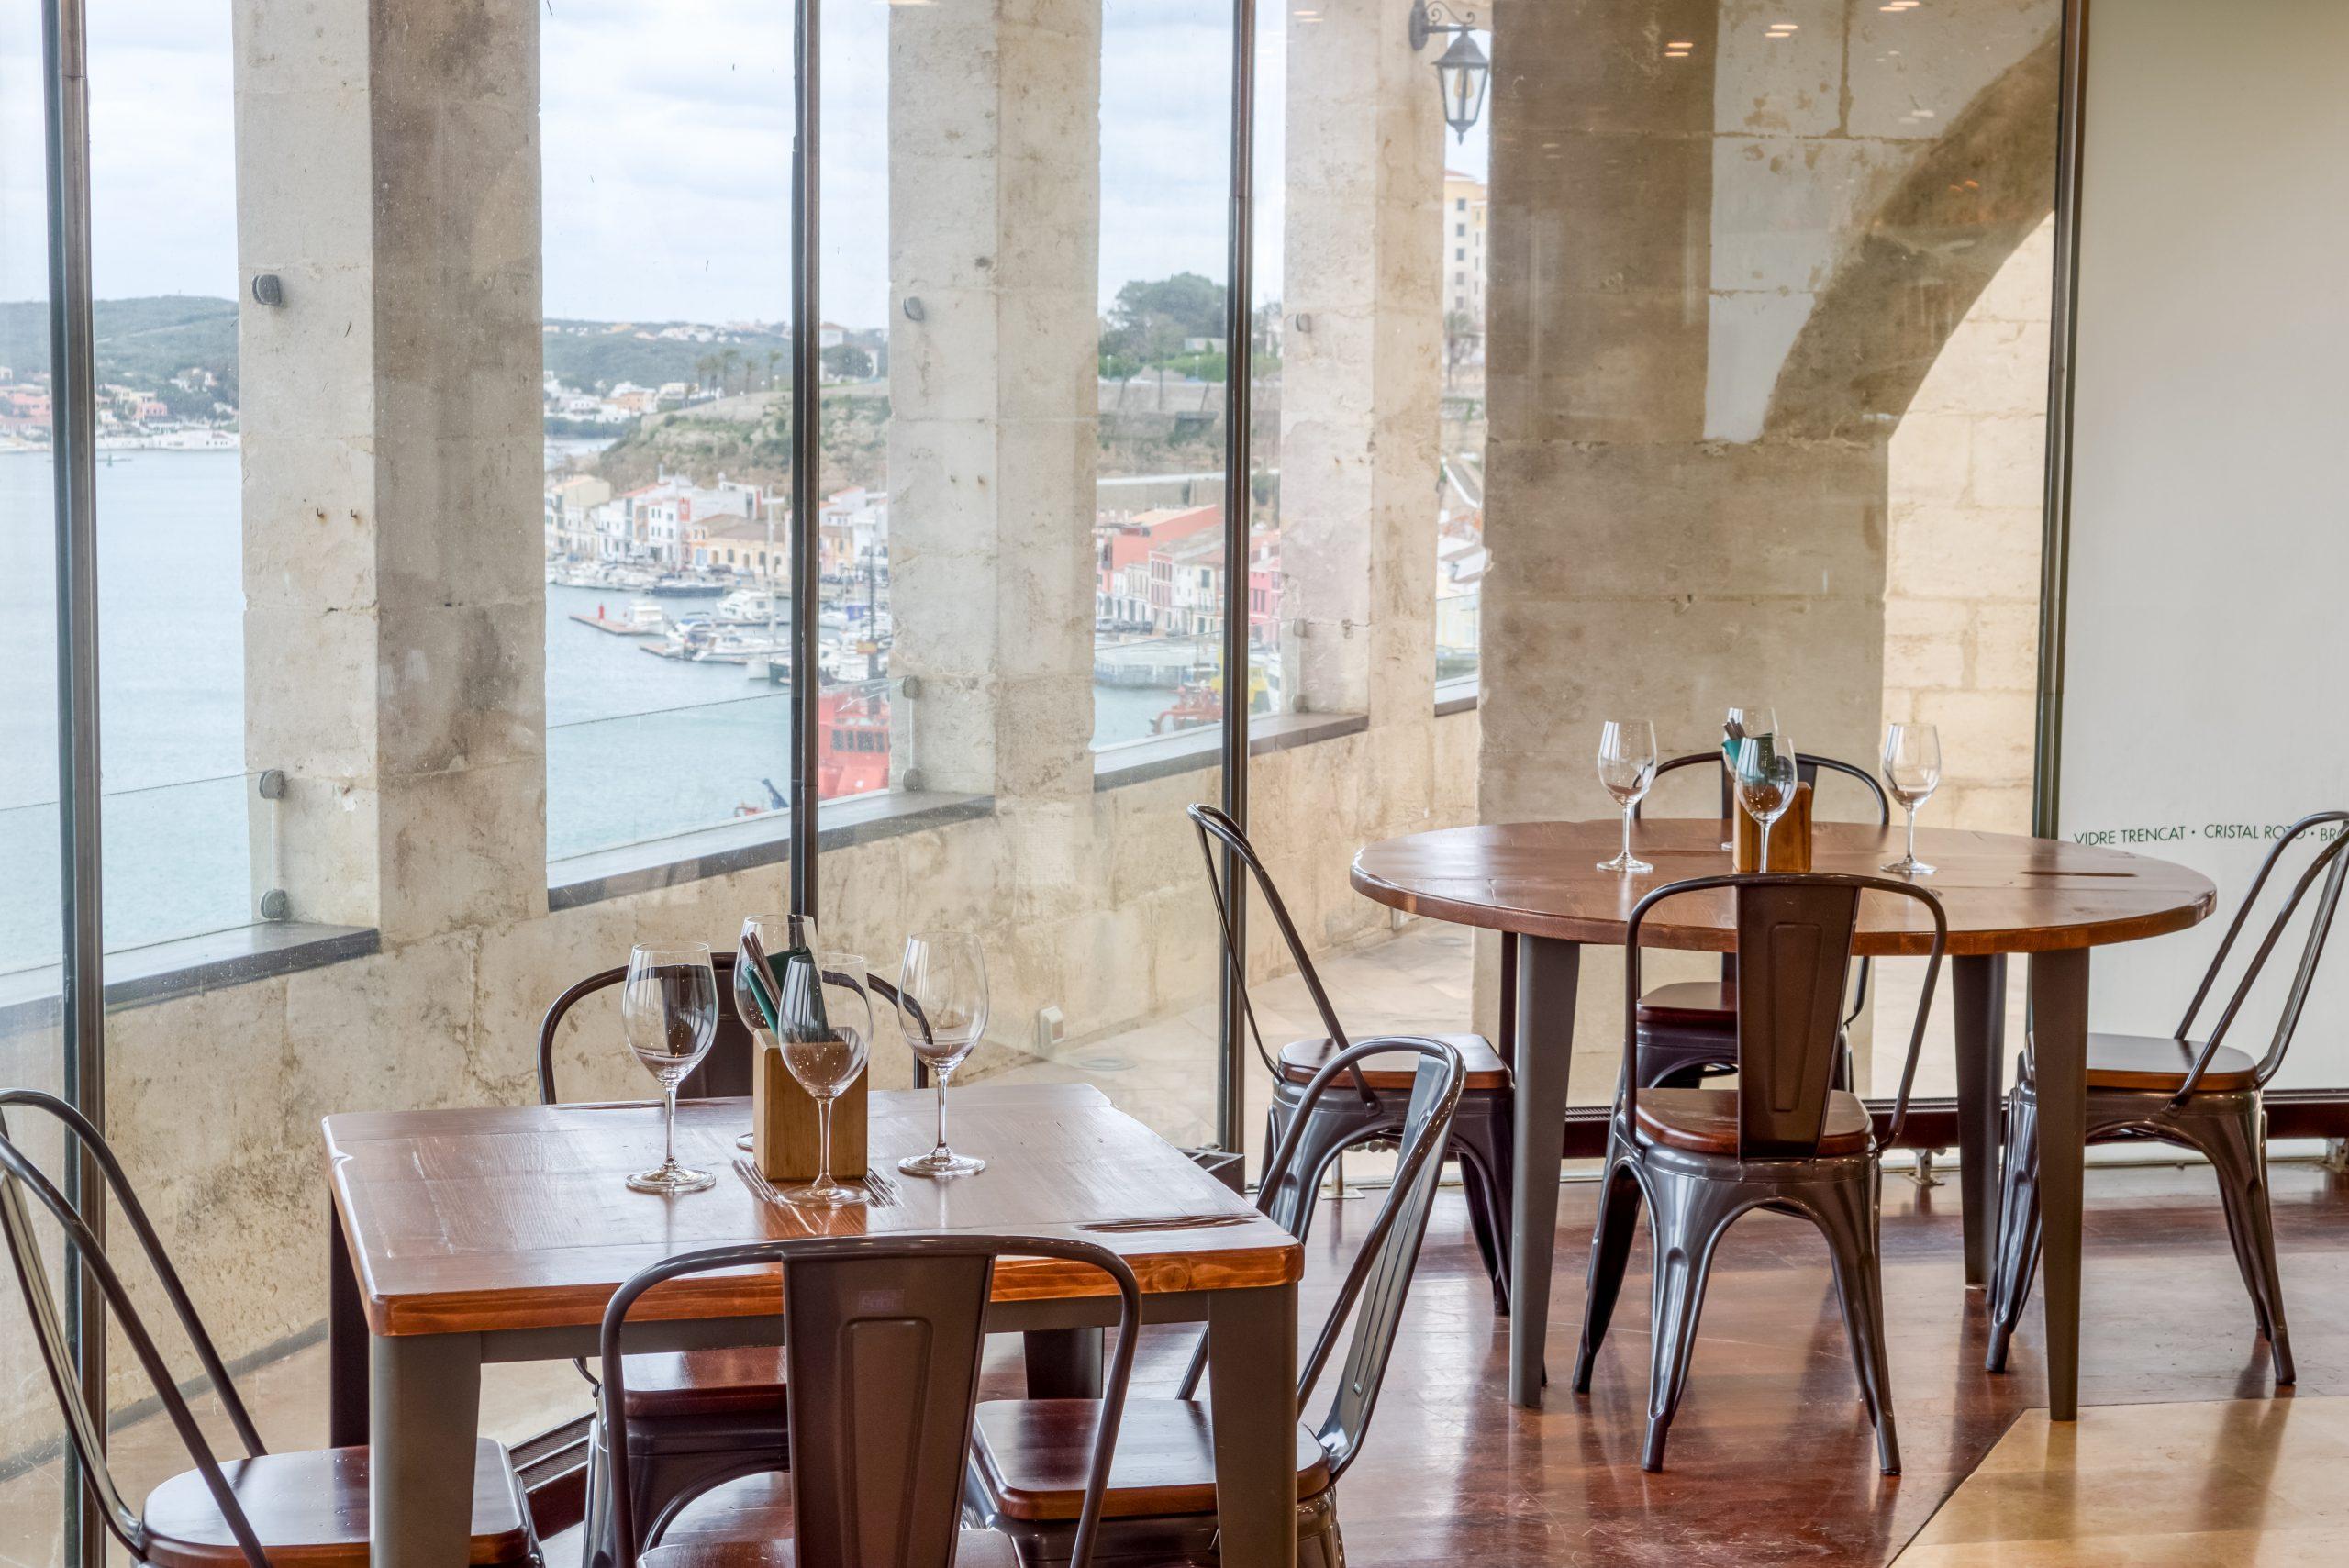 Las mesas de Ses Culleres con vistas al puerto de Mahón / Foto: Ses Forquilles